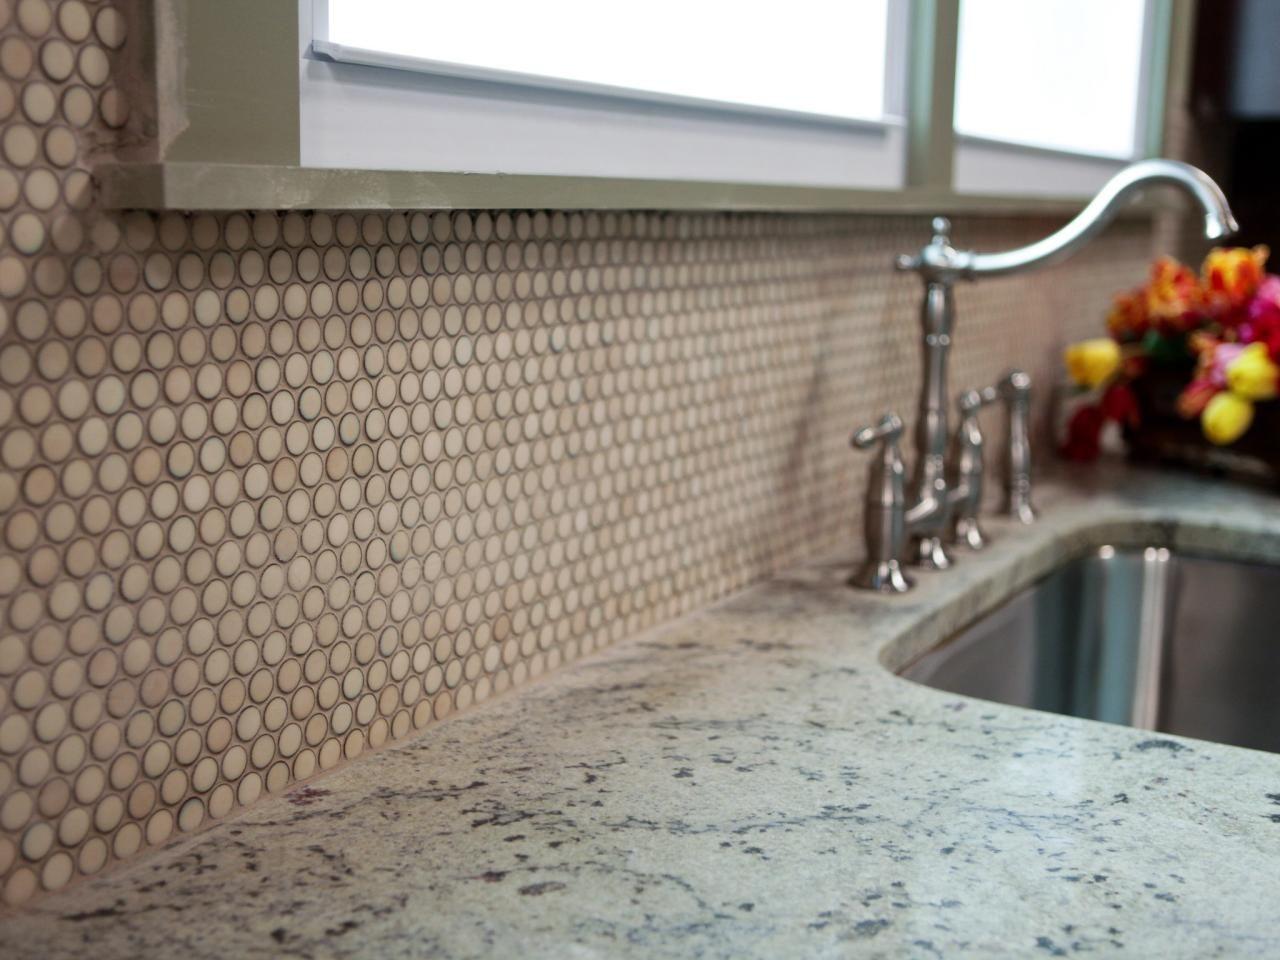 Mosaik Fliesen Küche Backsplash  ein Weiterer ultimative Regel für